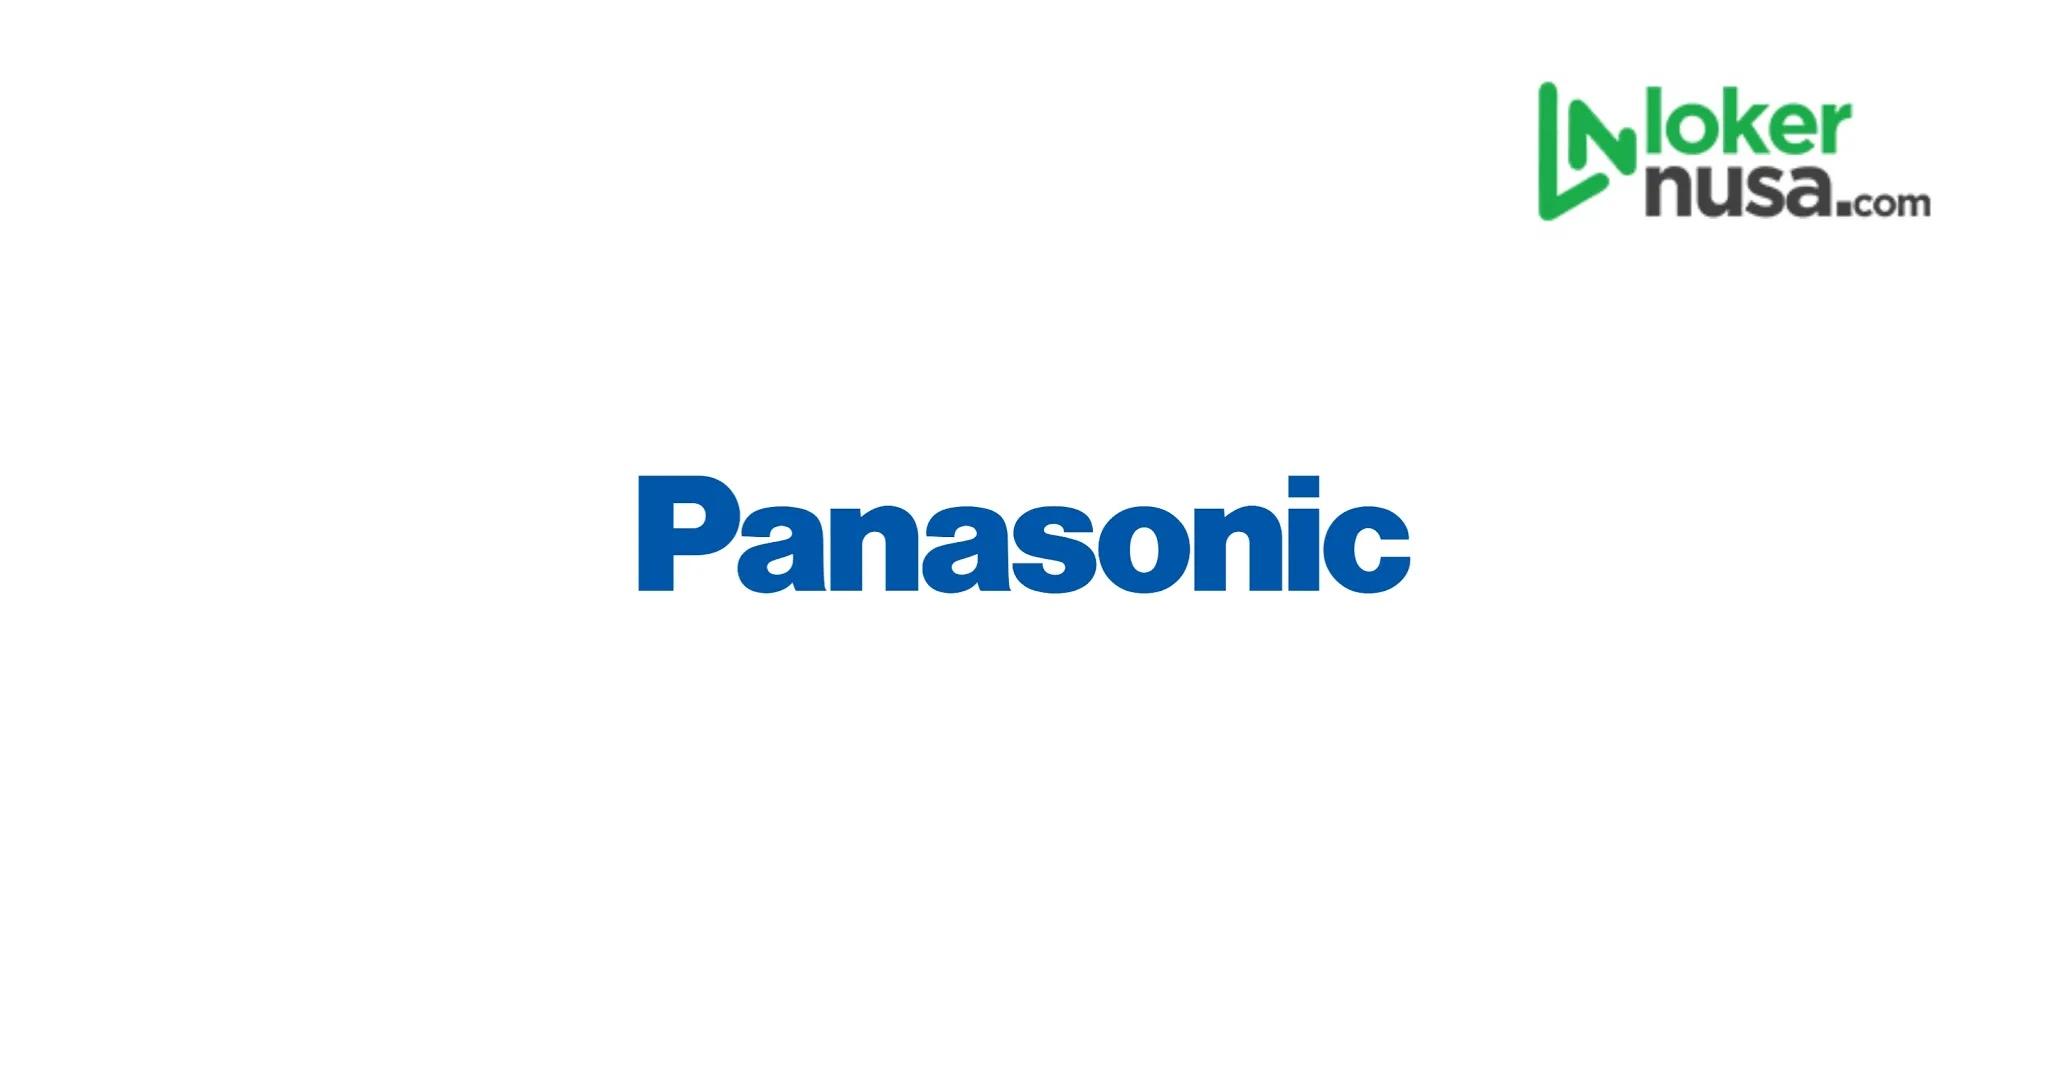 Panasonic Indonesia